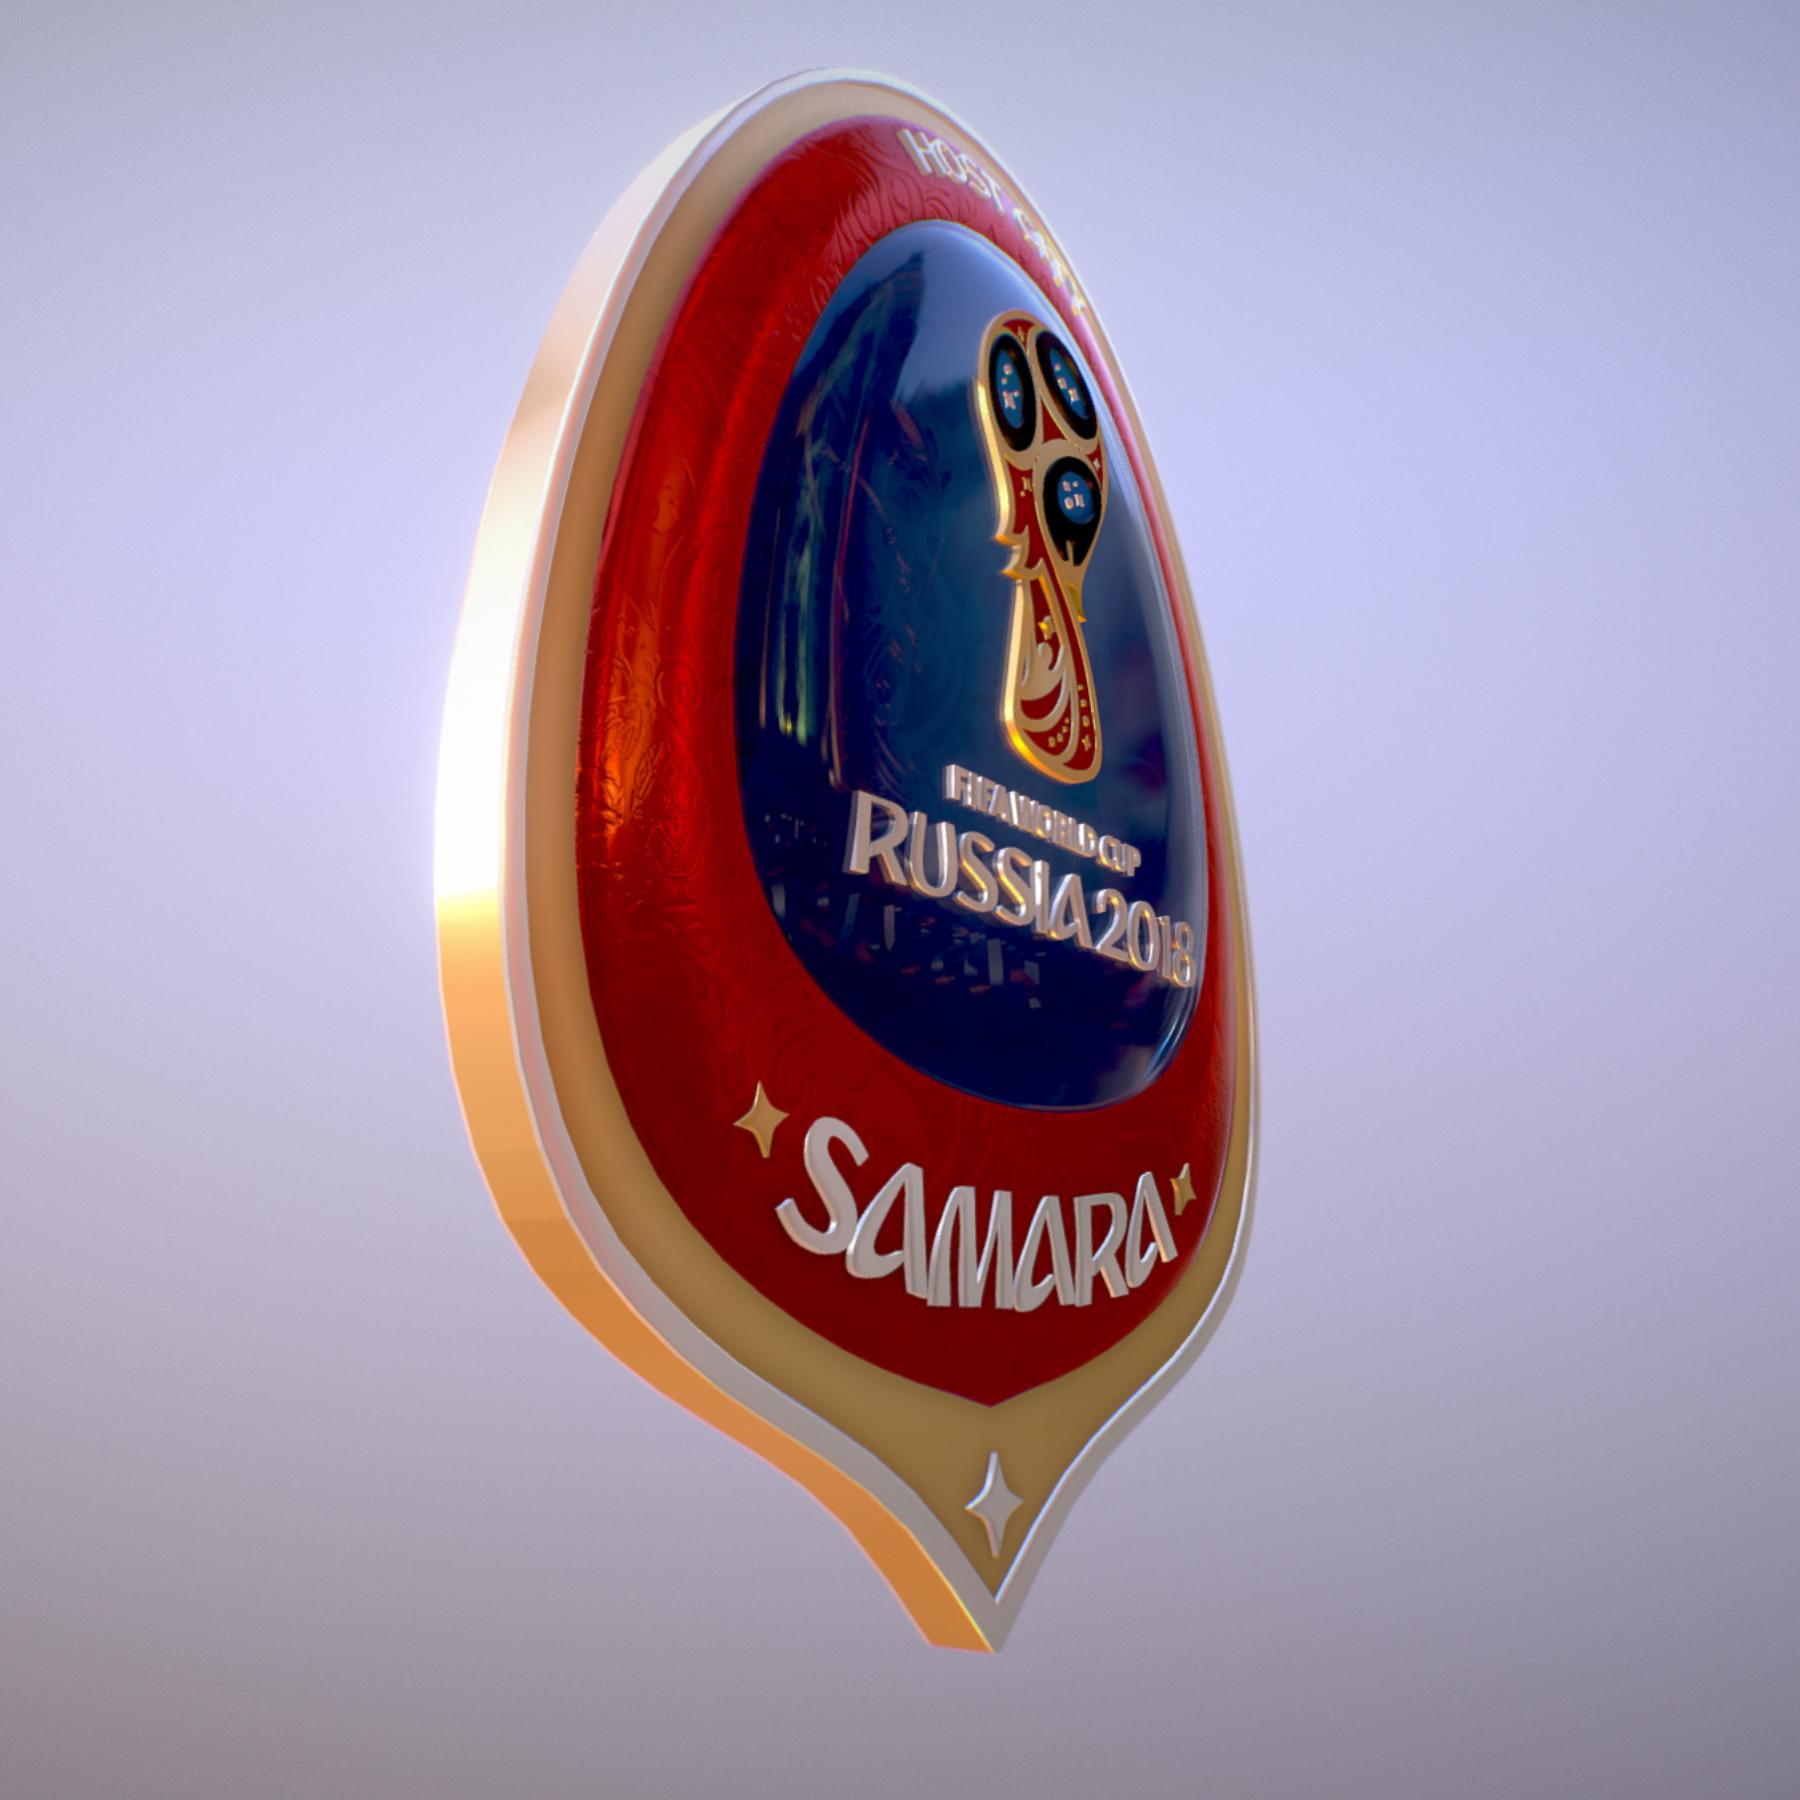 samara host city world cup russia 2018 symbol 3d model max  fbx jpeg jpg ma mb obj 271816